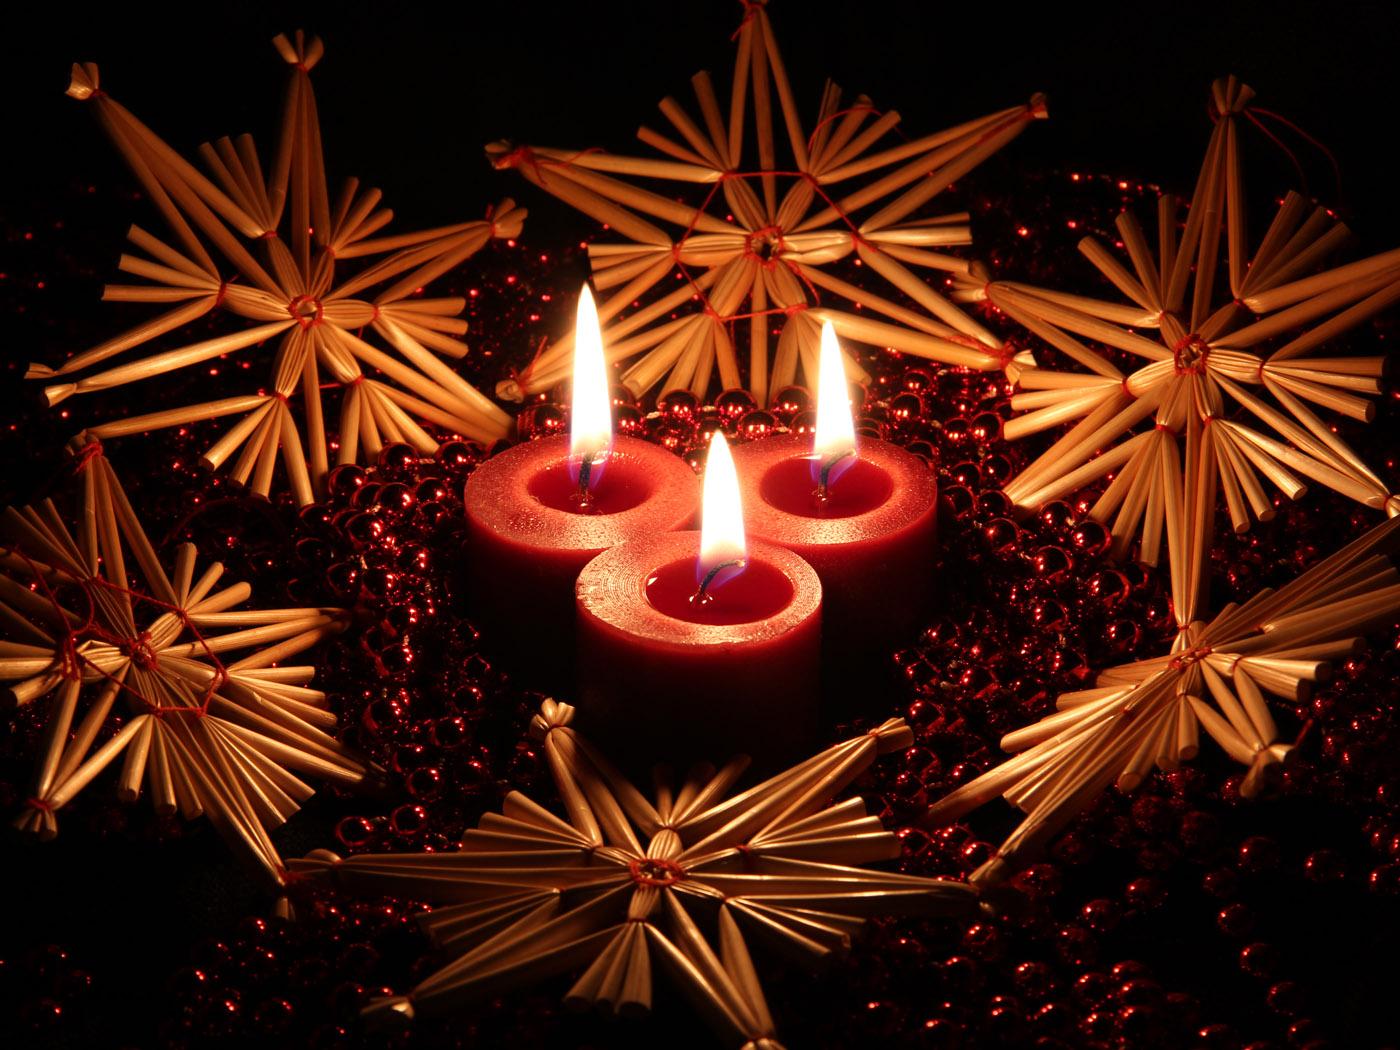 Weihnachtsdekoration kostenlose weihnachtsbilder - 3d hintergrundbilder kostenlos weihnachten ...